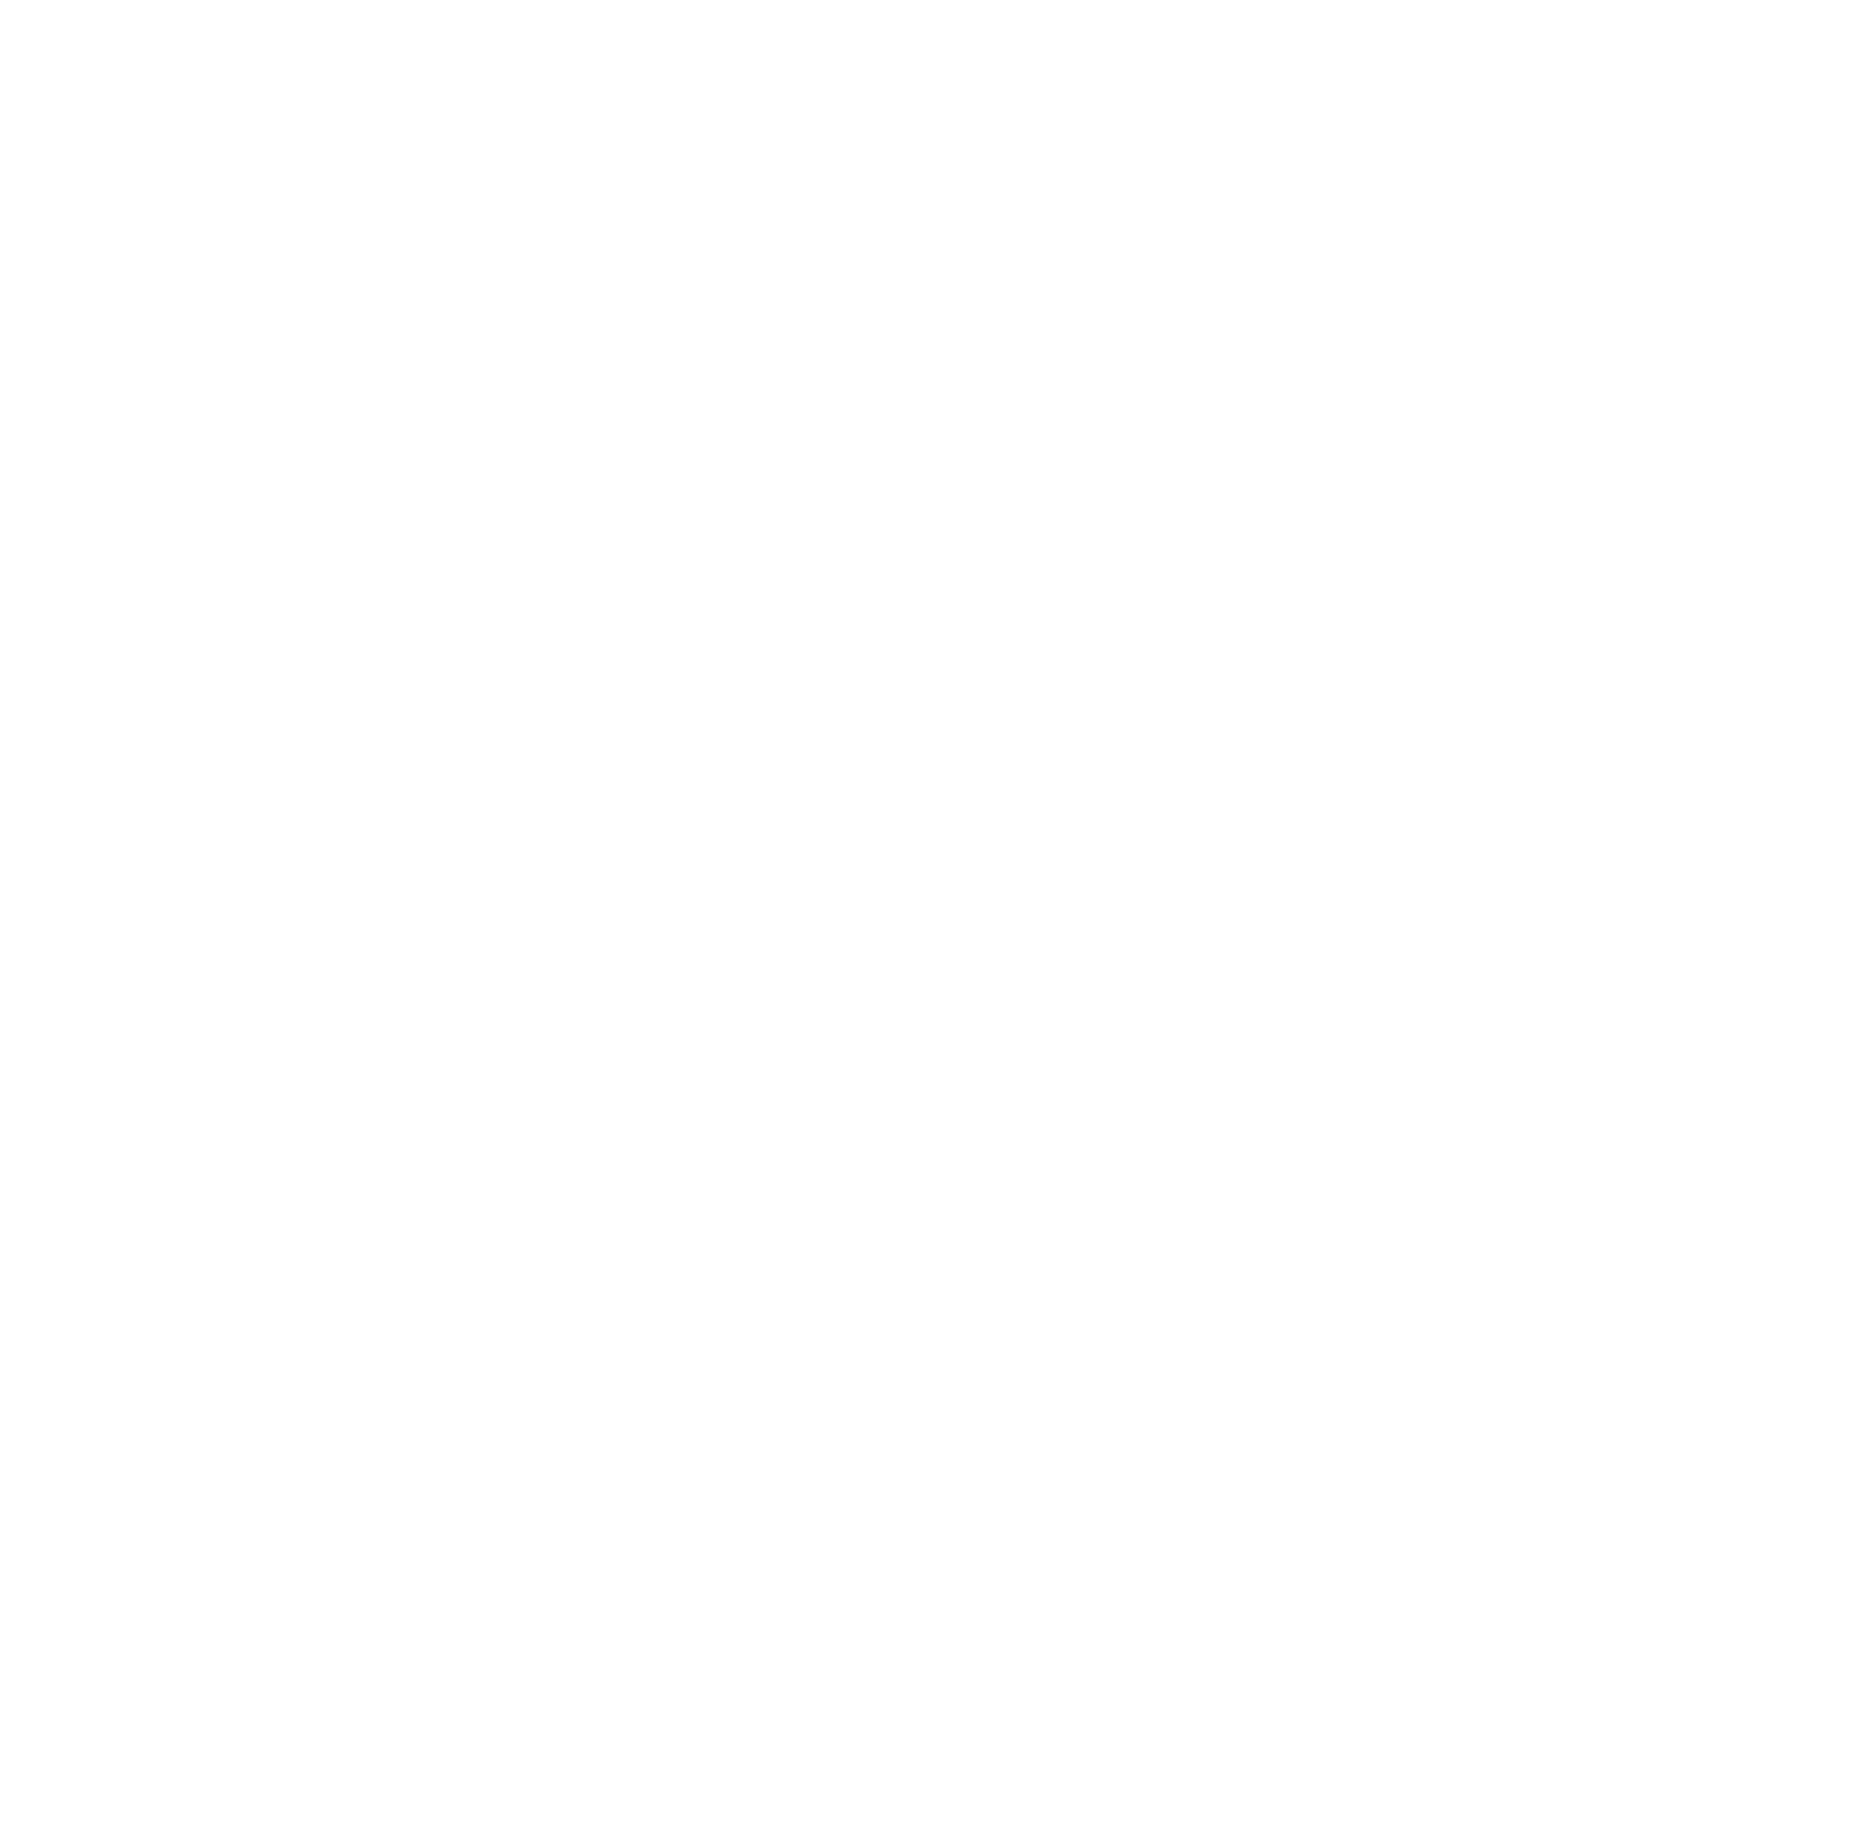 GaffG iGaming Small Logoo